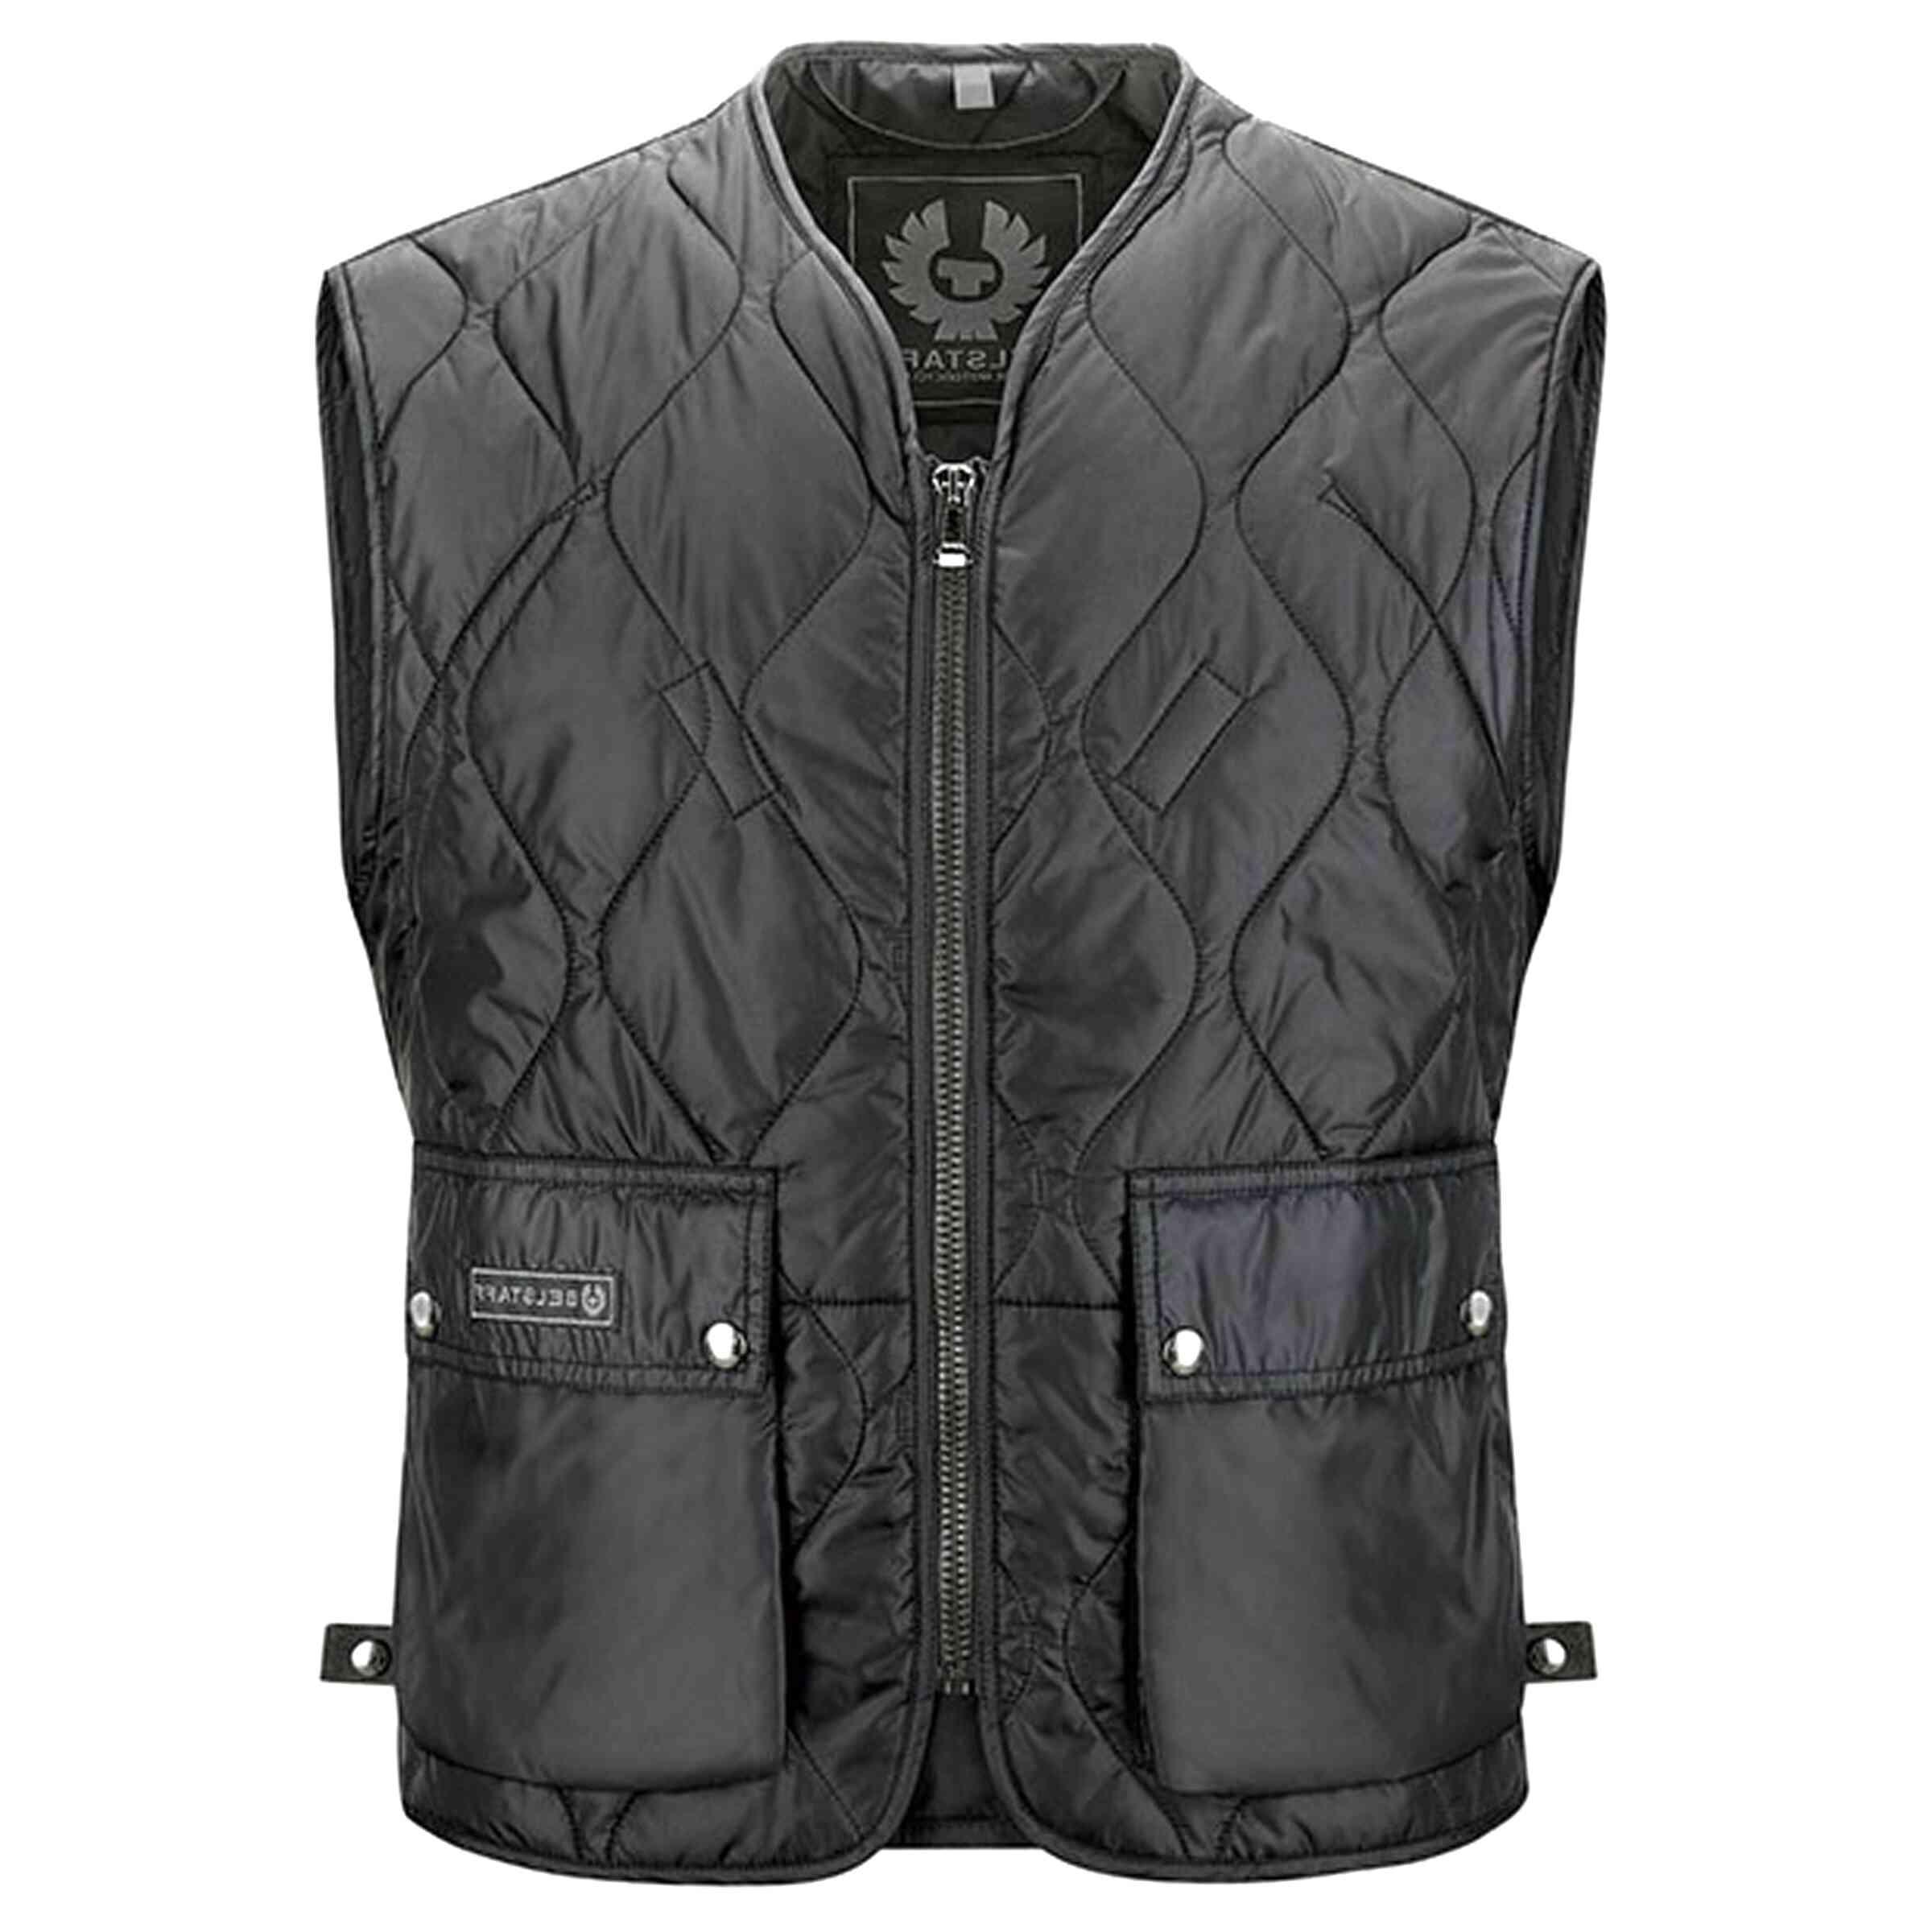 belstaff jacket extra large for sale